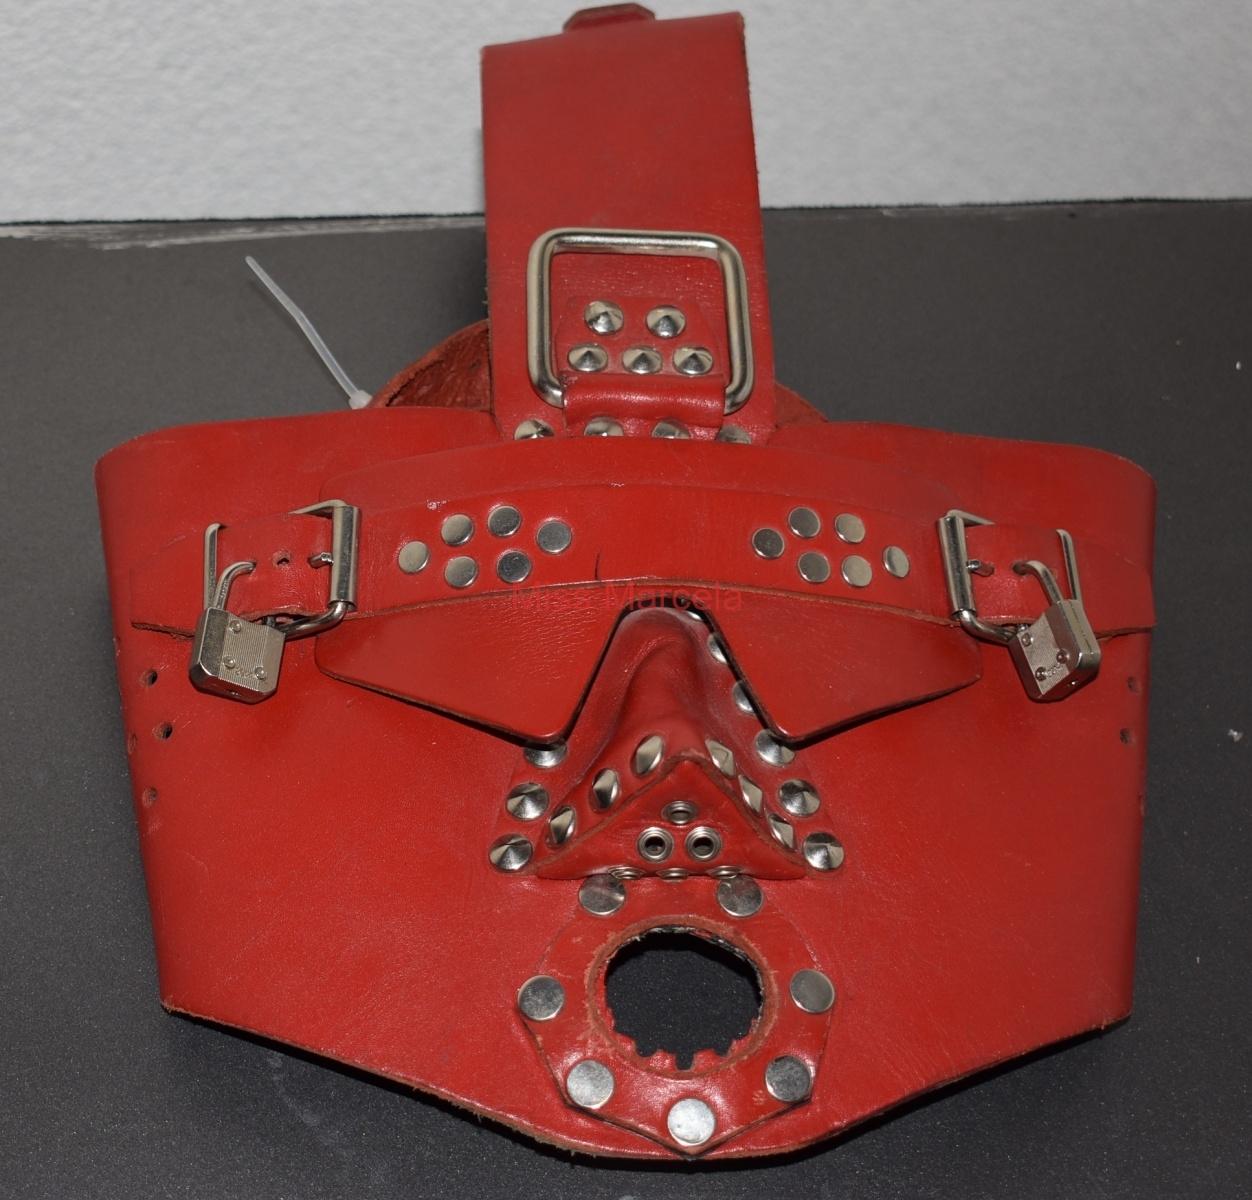 Masken, Gasmasken, Atemkontrolle